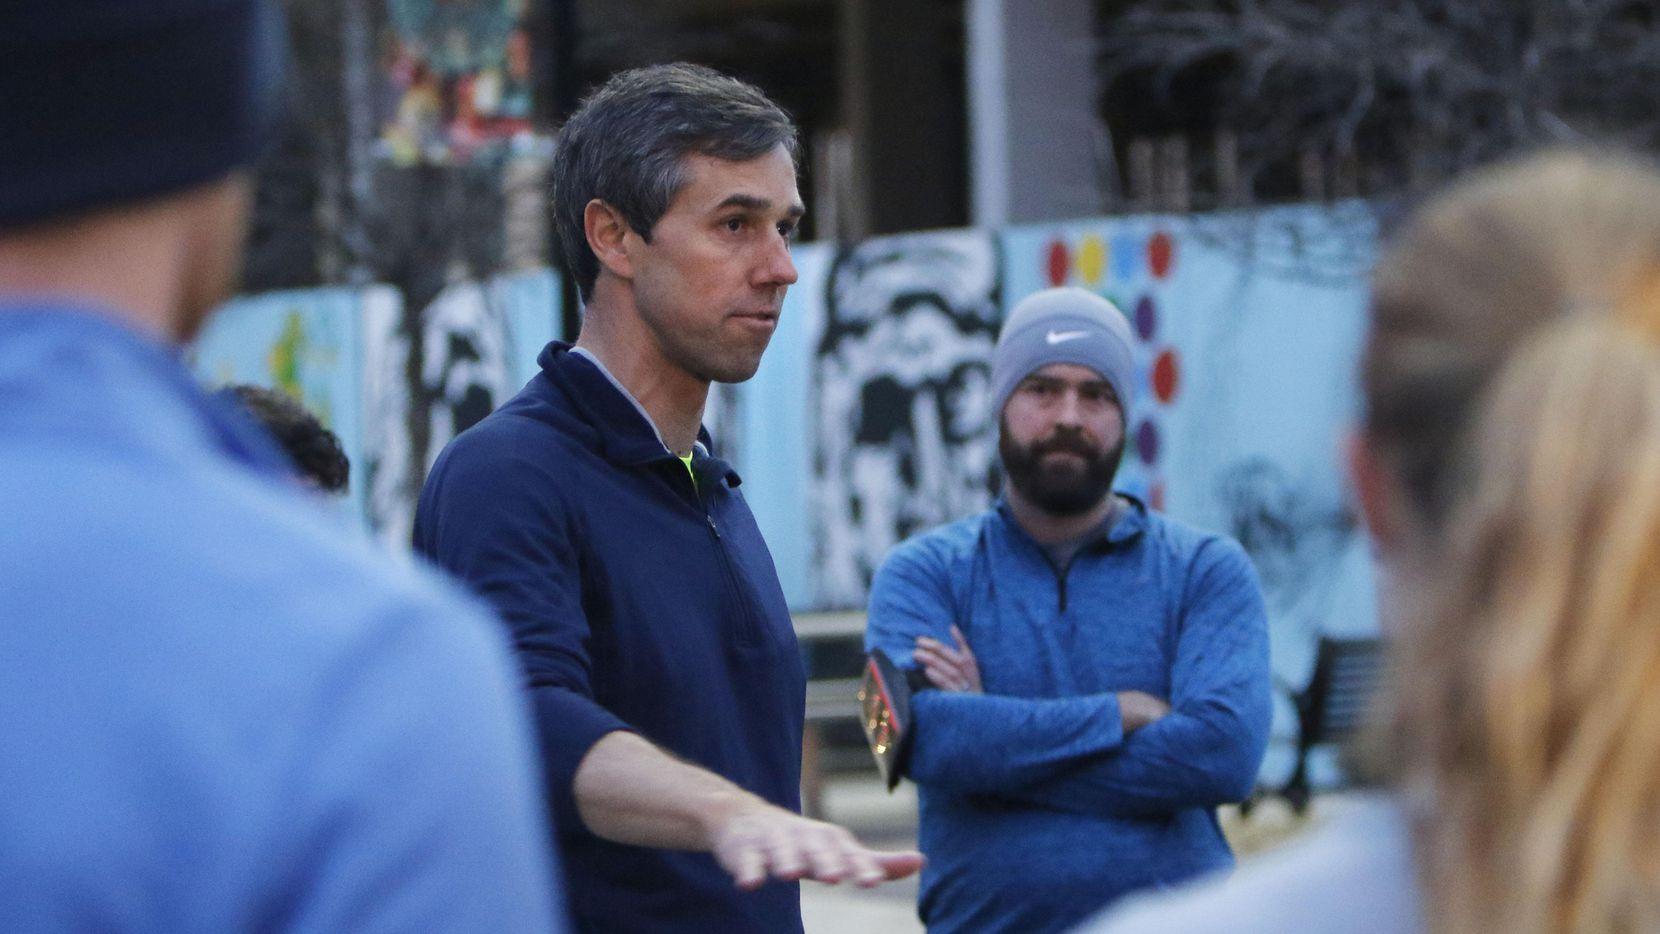 El representante Beto O'Rourke de El Paso se unió a sus impatizantes para correr una millas el viernes por la mañana en Dallas. (DMN/DAVID WOO)